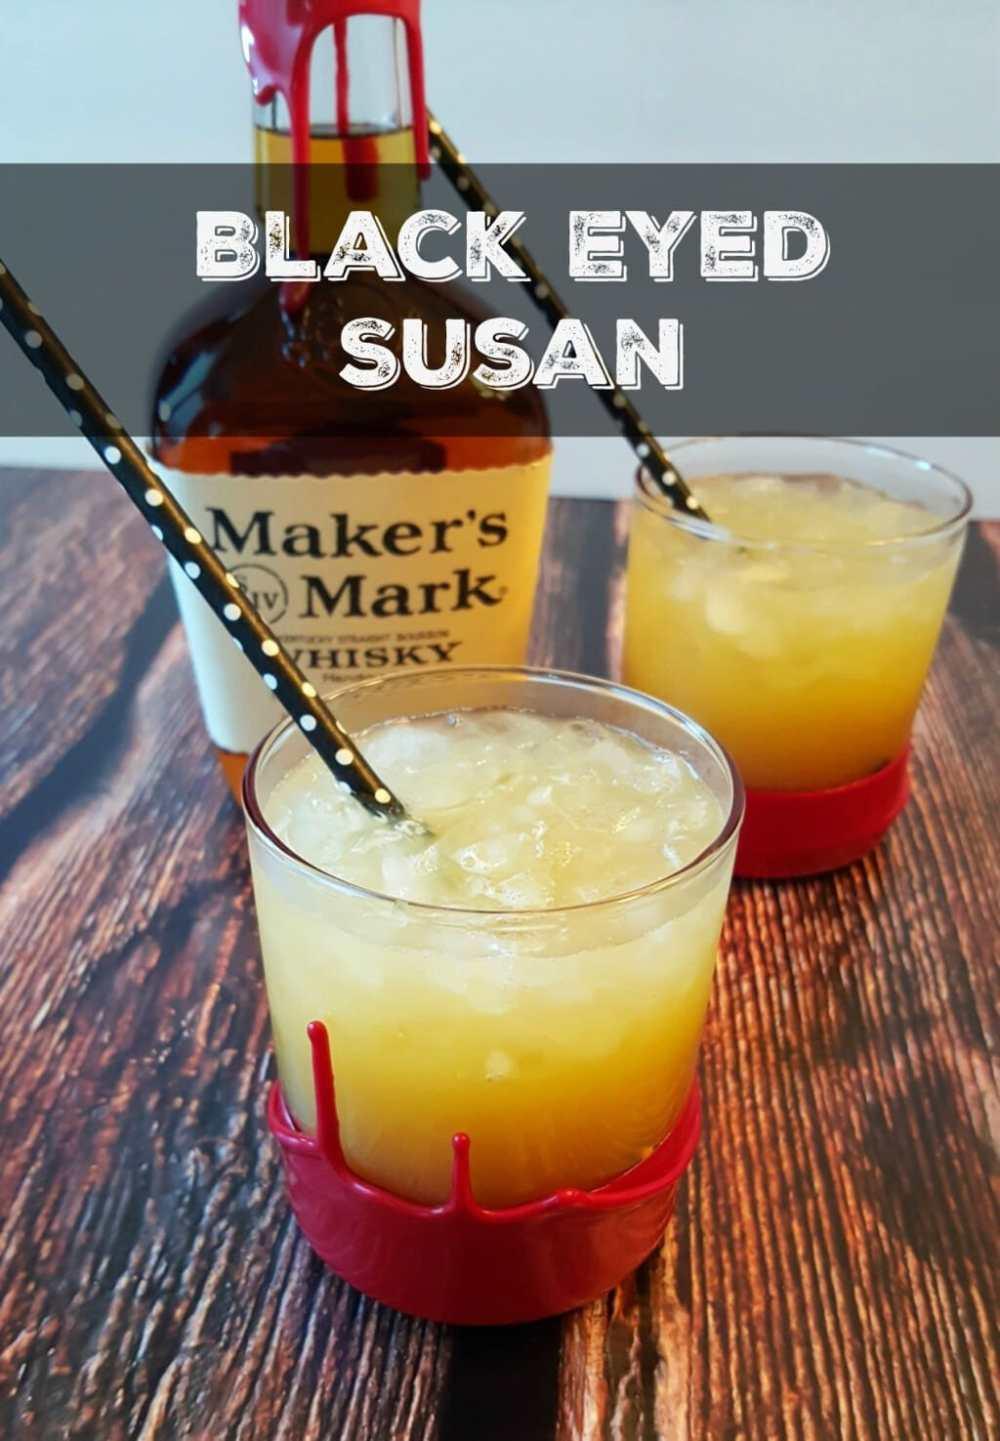 Black Eyed Susan